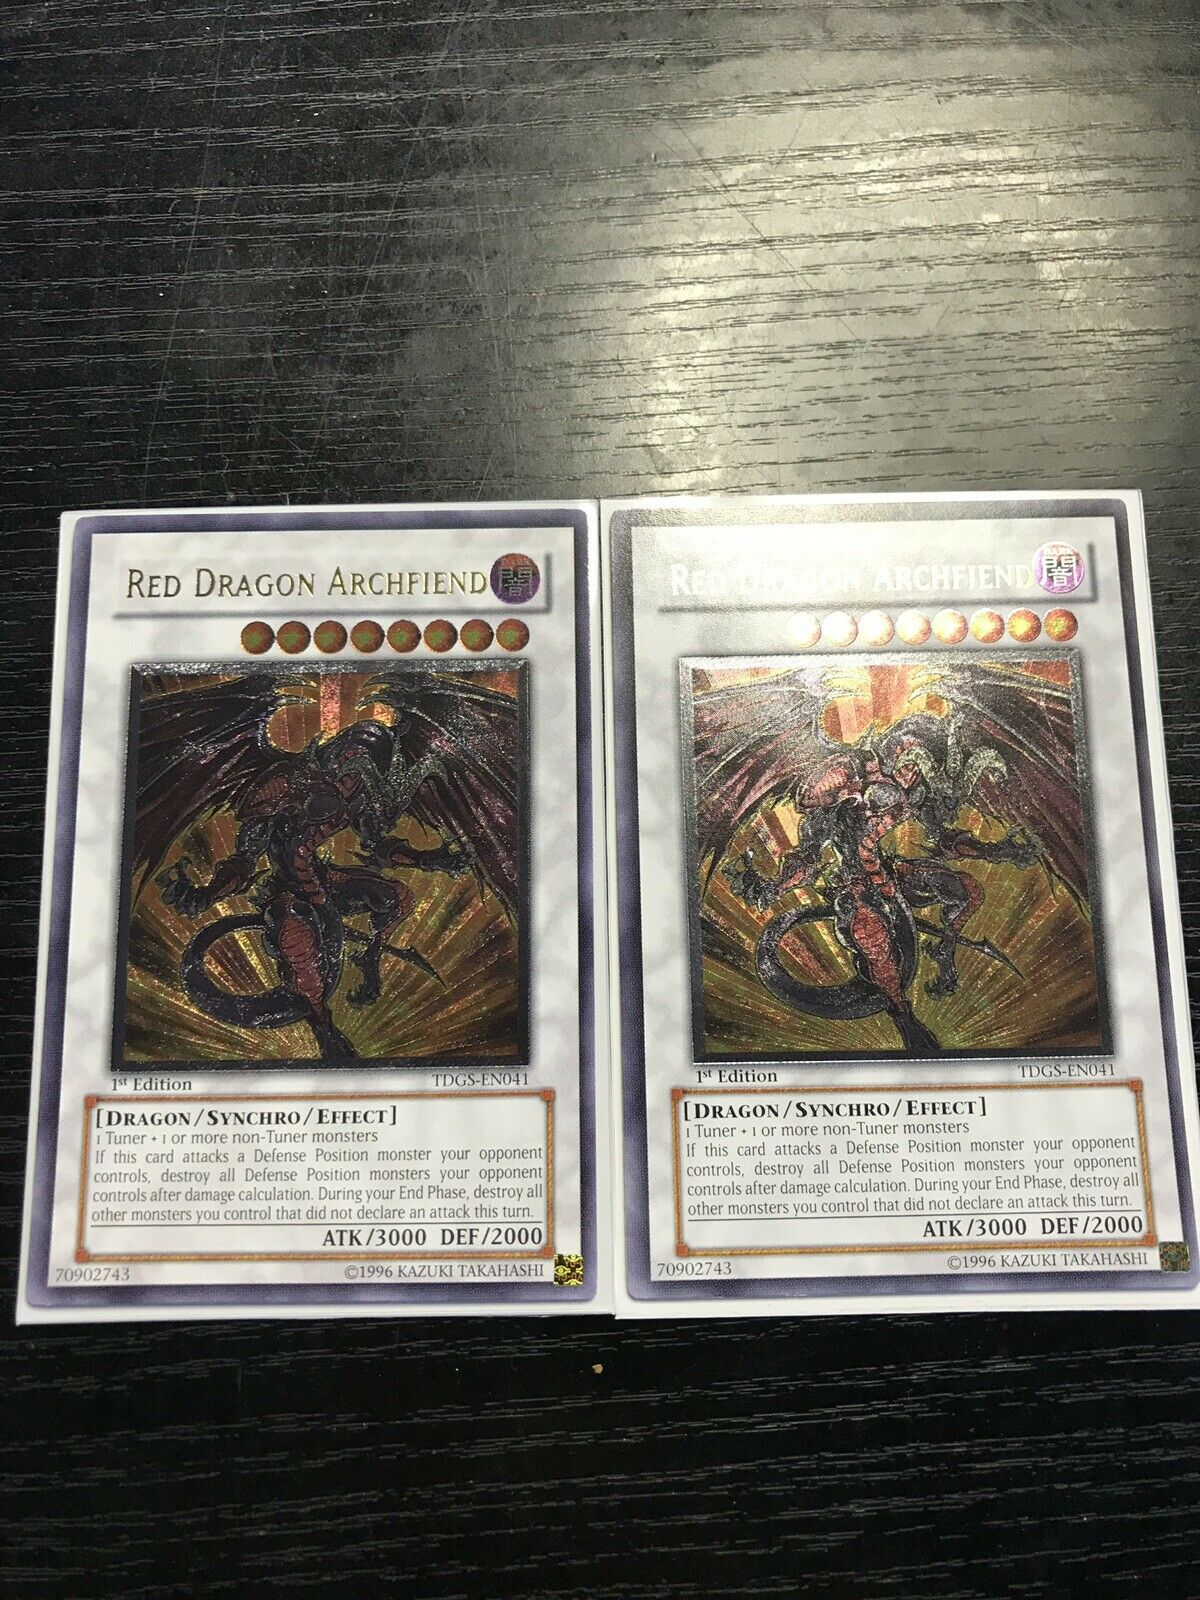 YugiohレッドドラゴンアーチエンドTDGS - EN 041アルティメット第1版ミント!